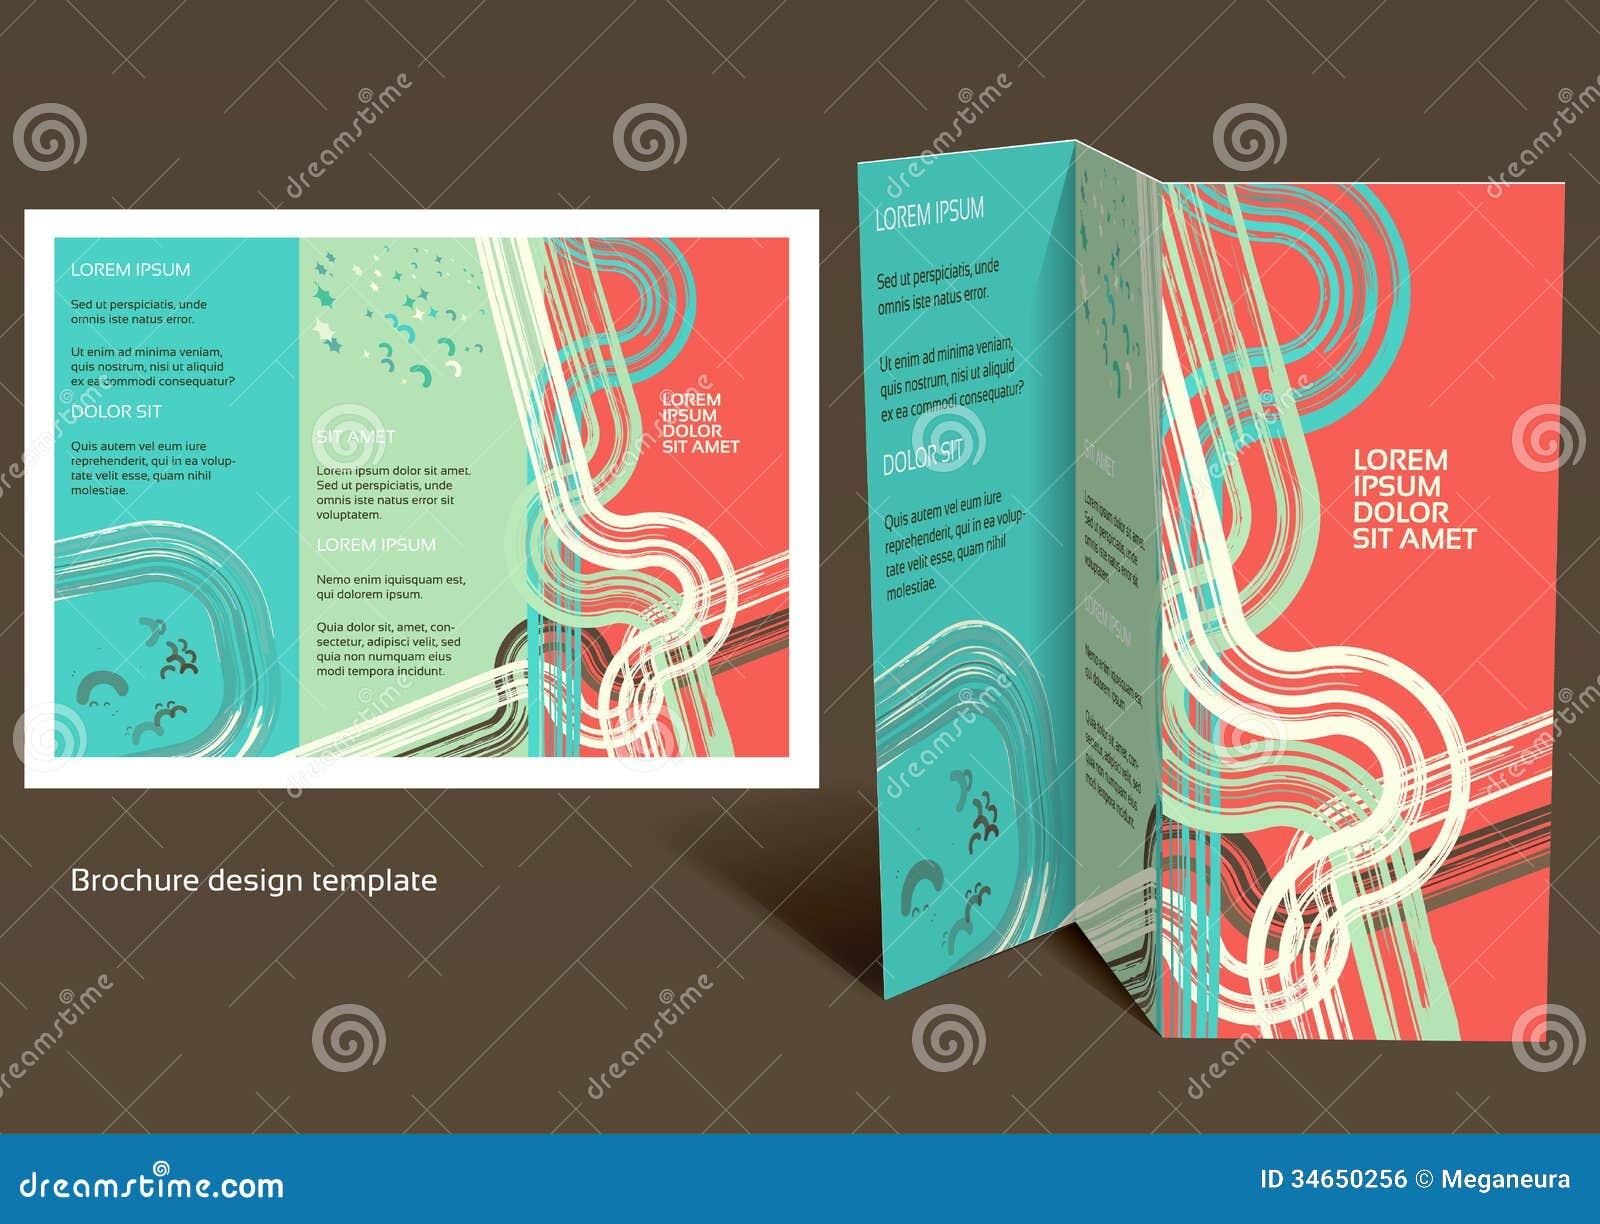 : Folheto disposição da z dobra da brochura. Projeto editável t #BB1910 1300 1011